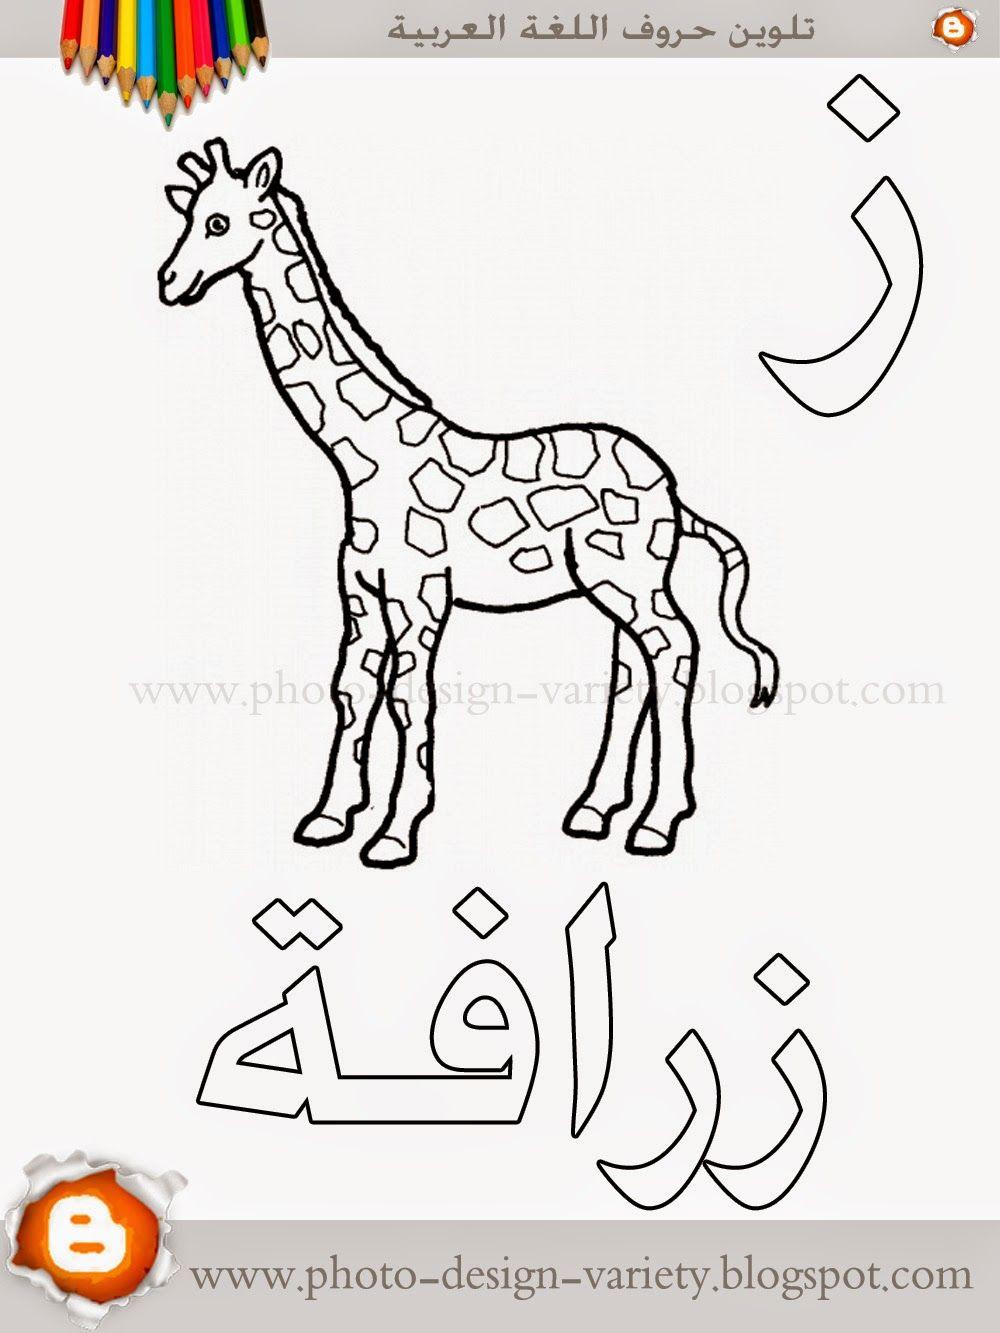 كافة حروف اللغة العربية مطروحة ضمن سلسلة من صور التلوين مع المثال لكل حرف واسم الصورة Arabic Alphabet For Kids Learn Arabic Alphabet Arabic Alphabet